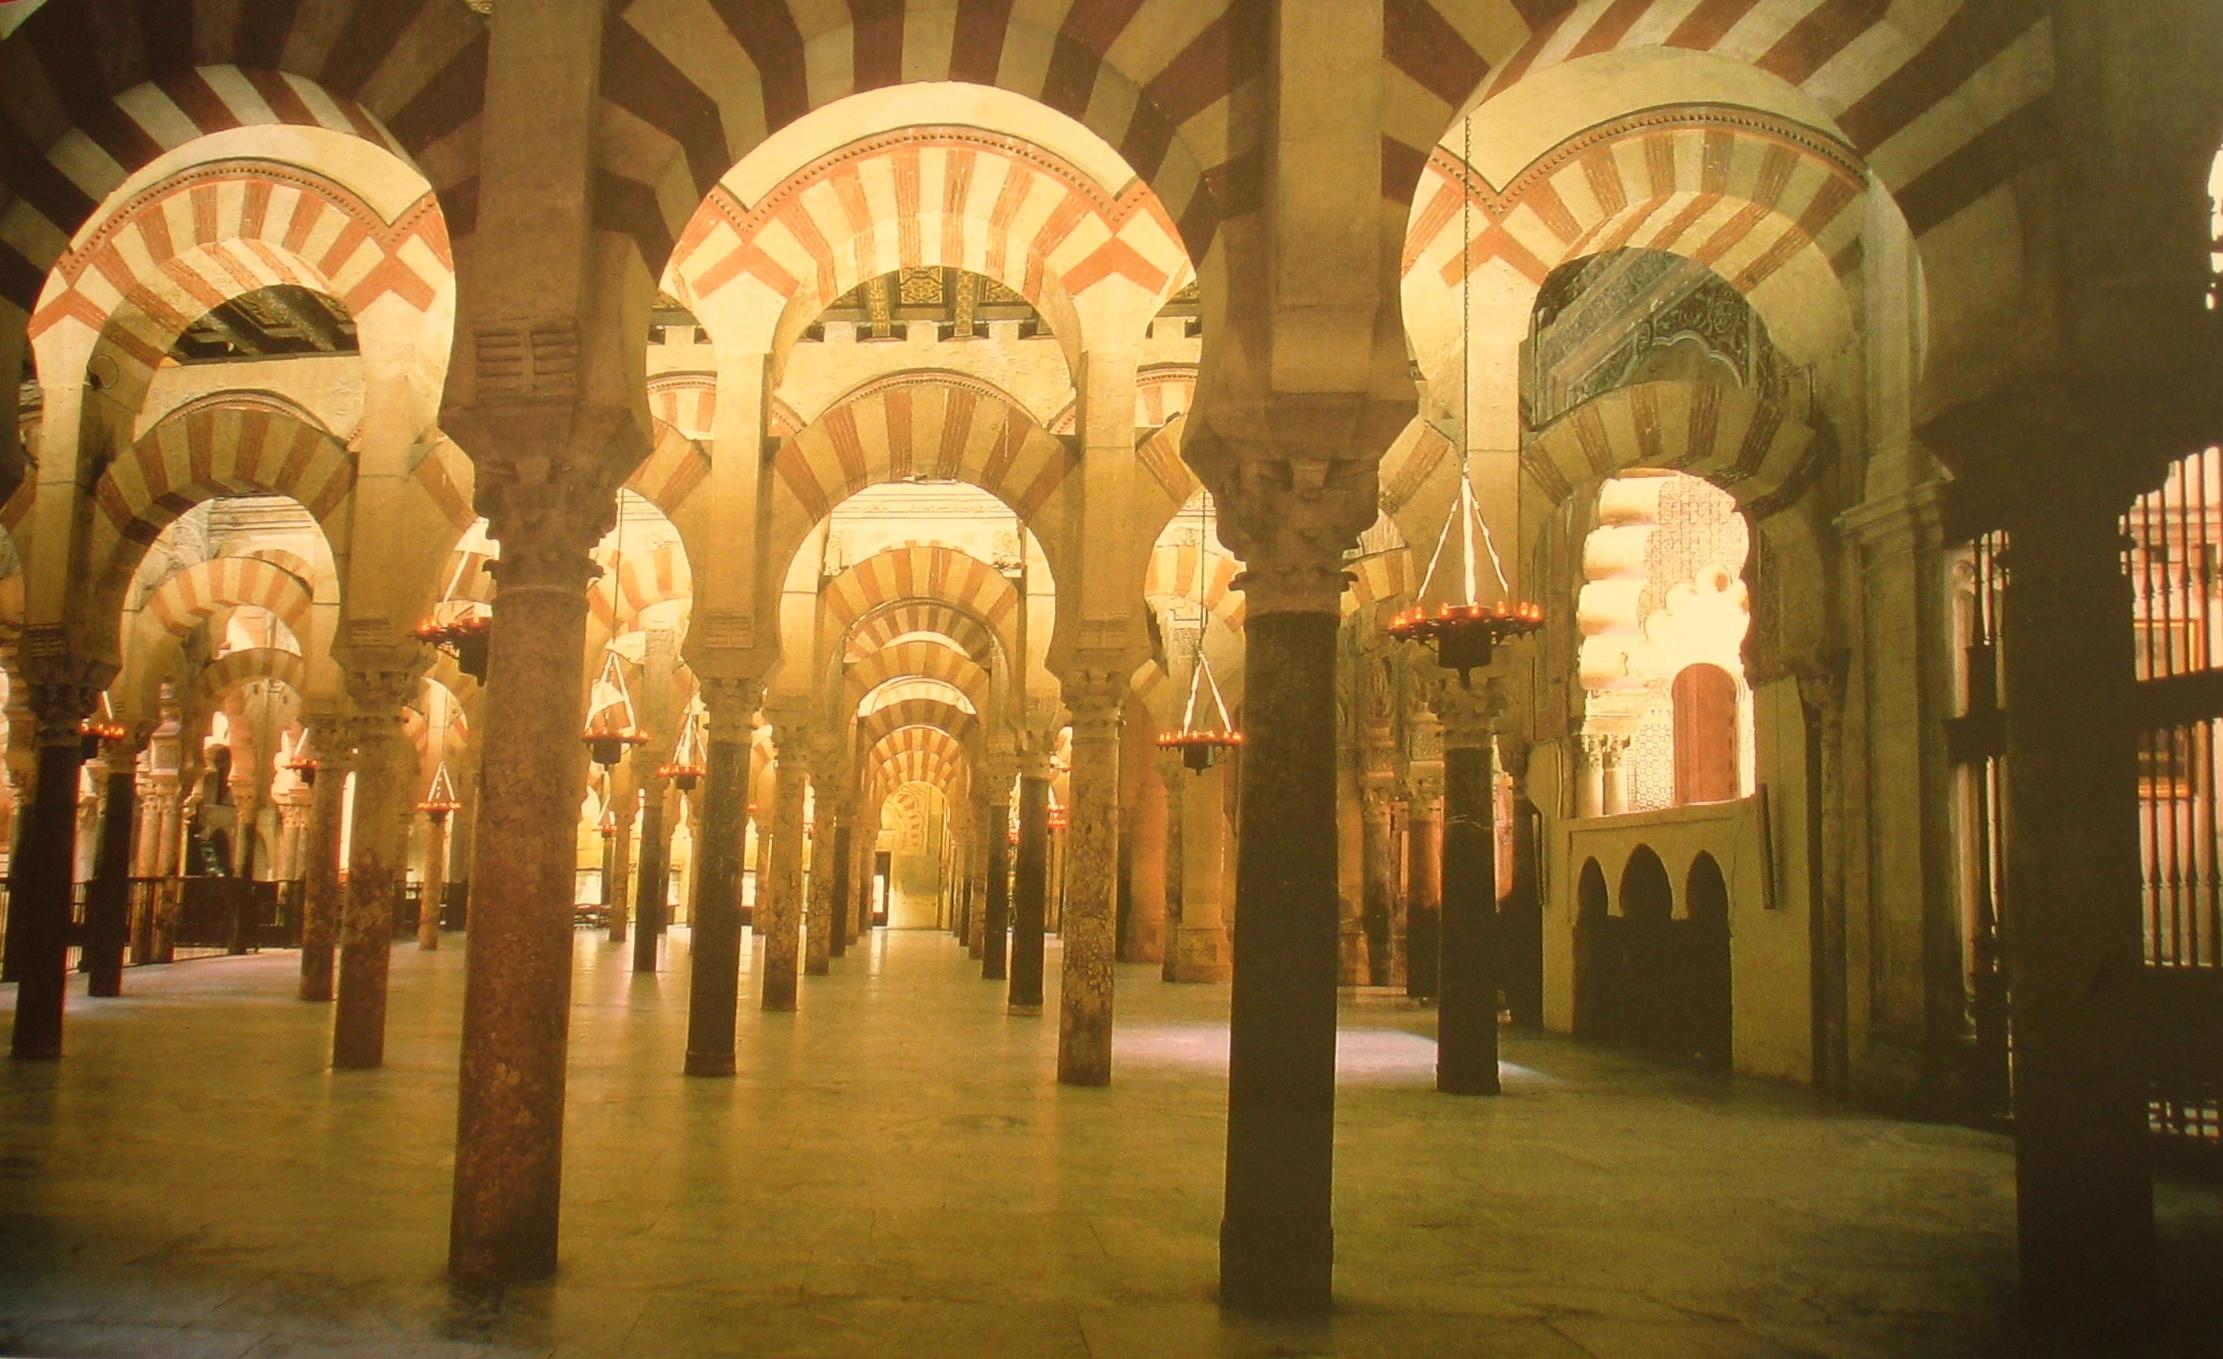 Španělsko - Andalusie - Cordoba, Velká mešita, 450 sloupů z žuly jaspisu a mramoru podpírá strop